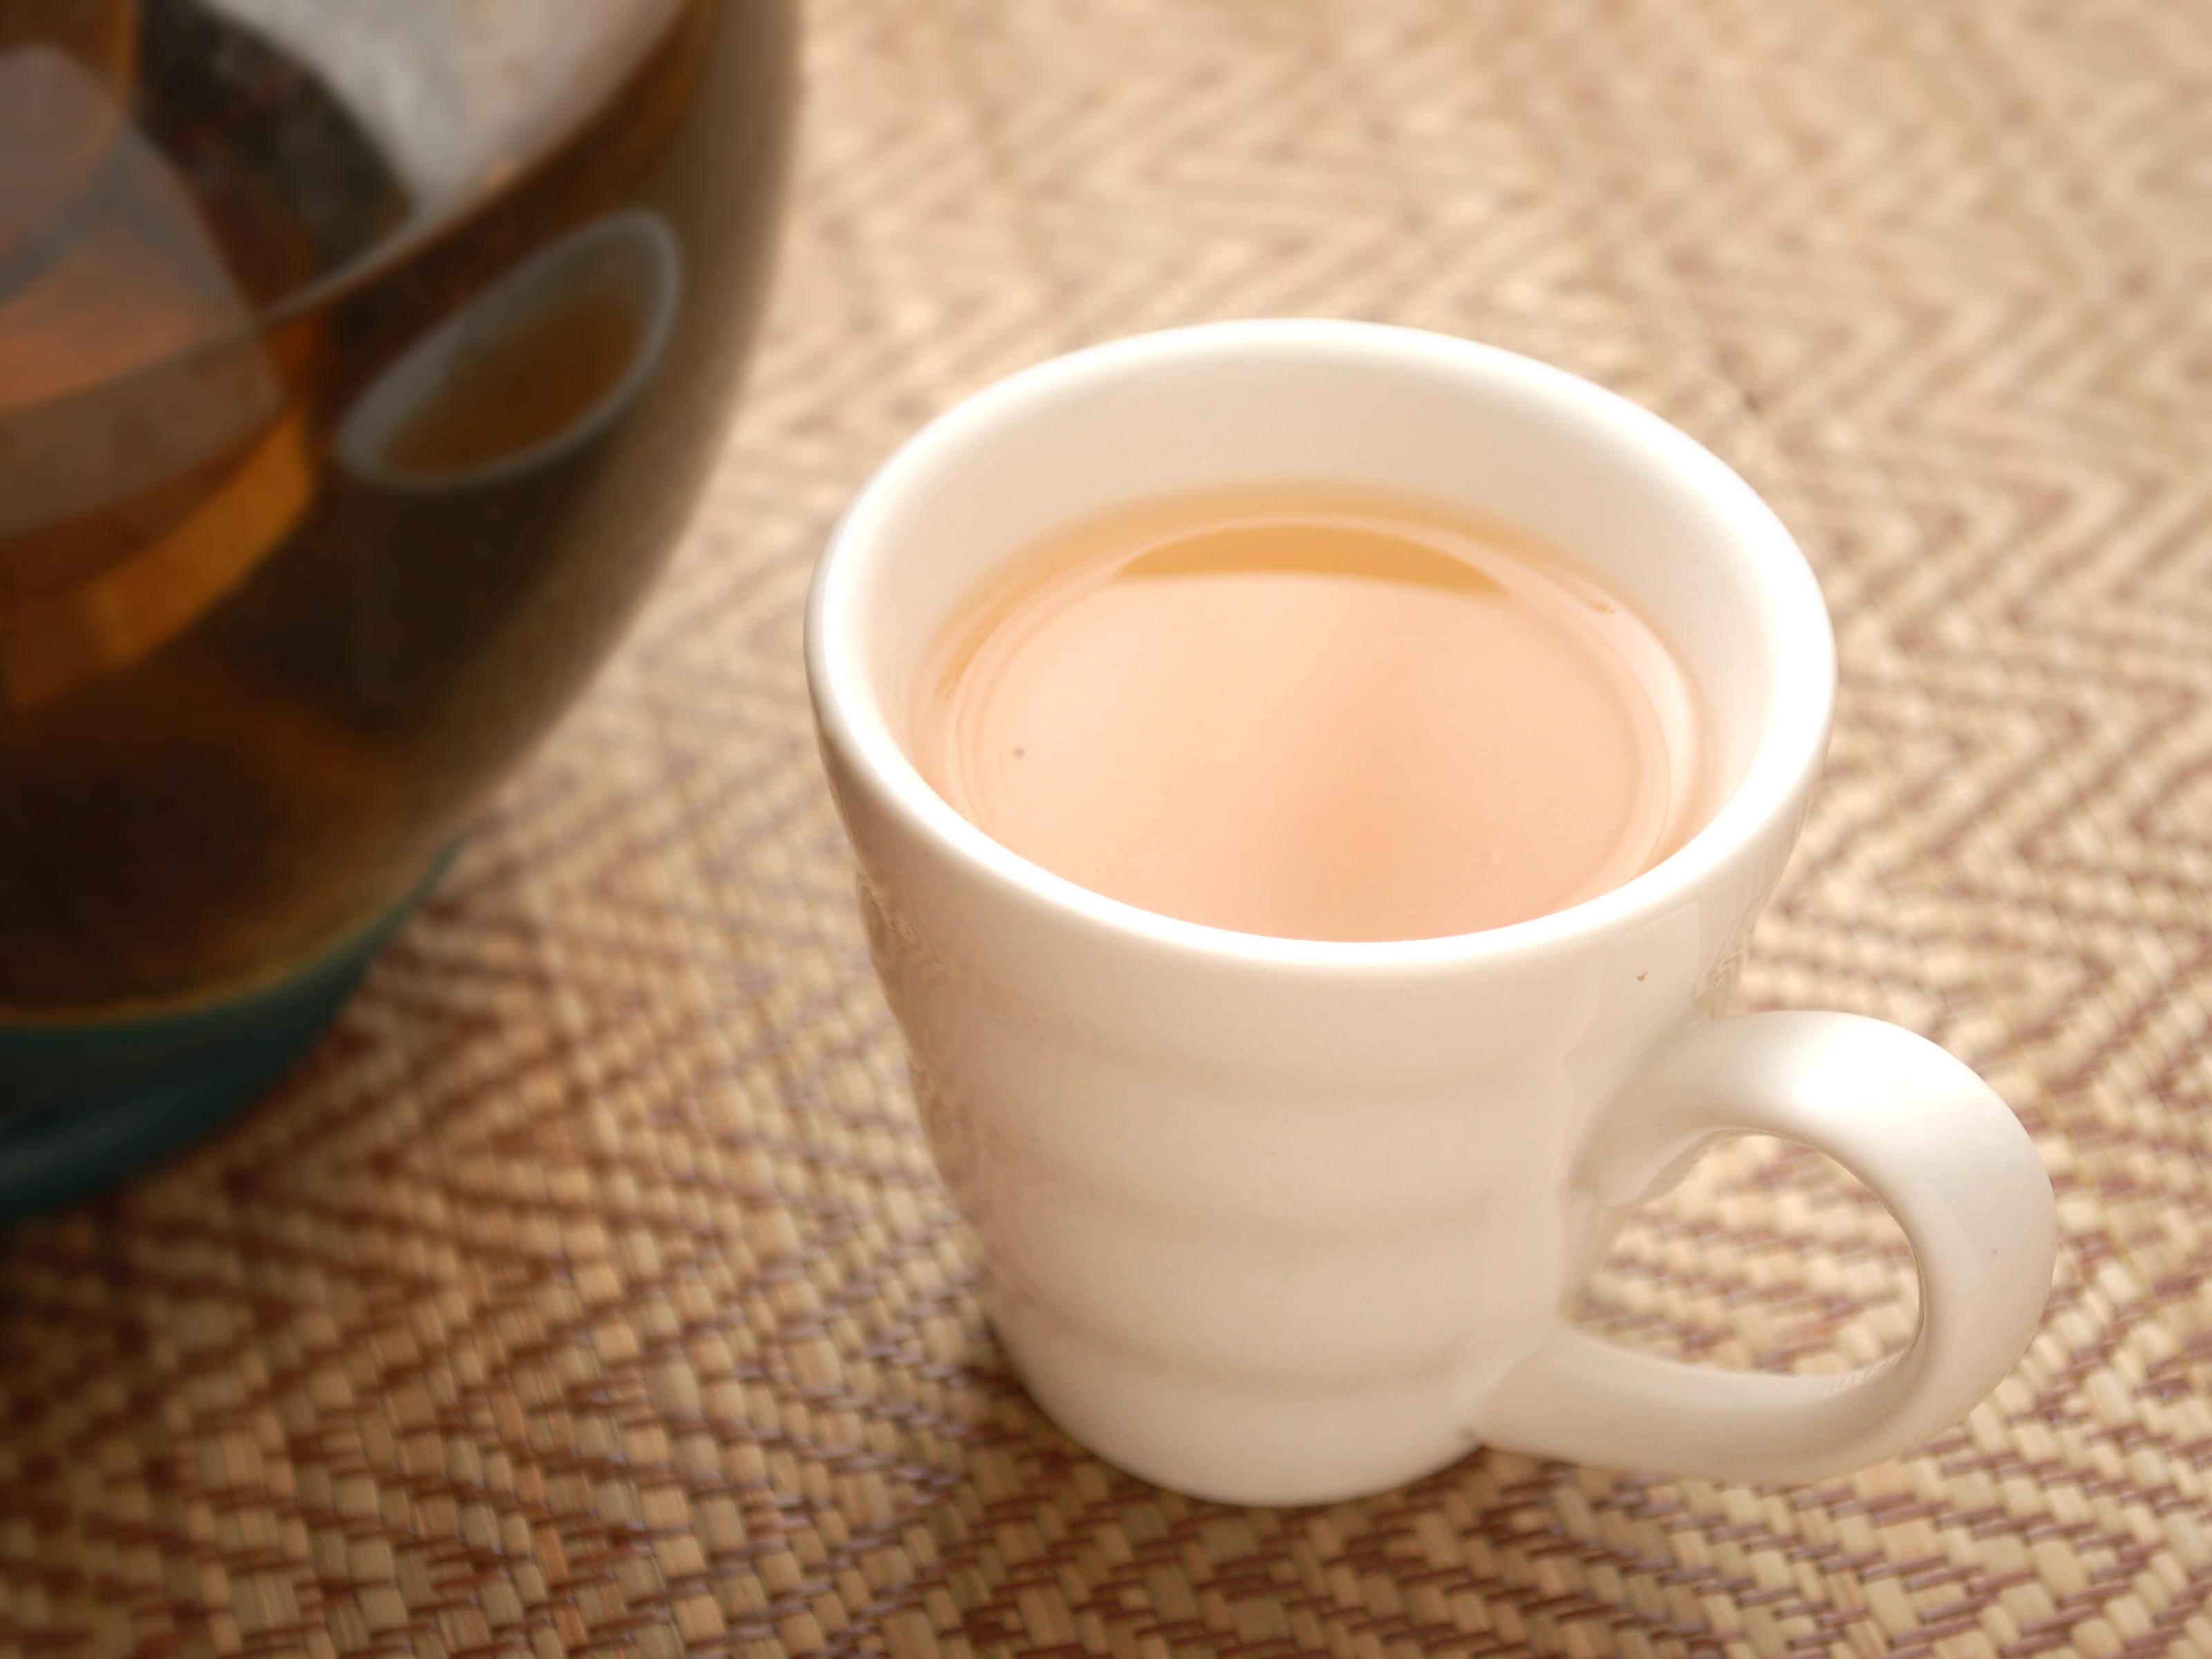 Fullsize Of Plain White Tea Cup